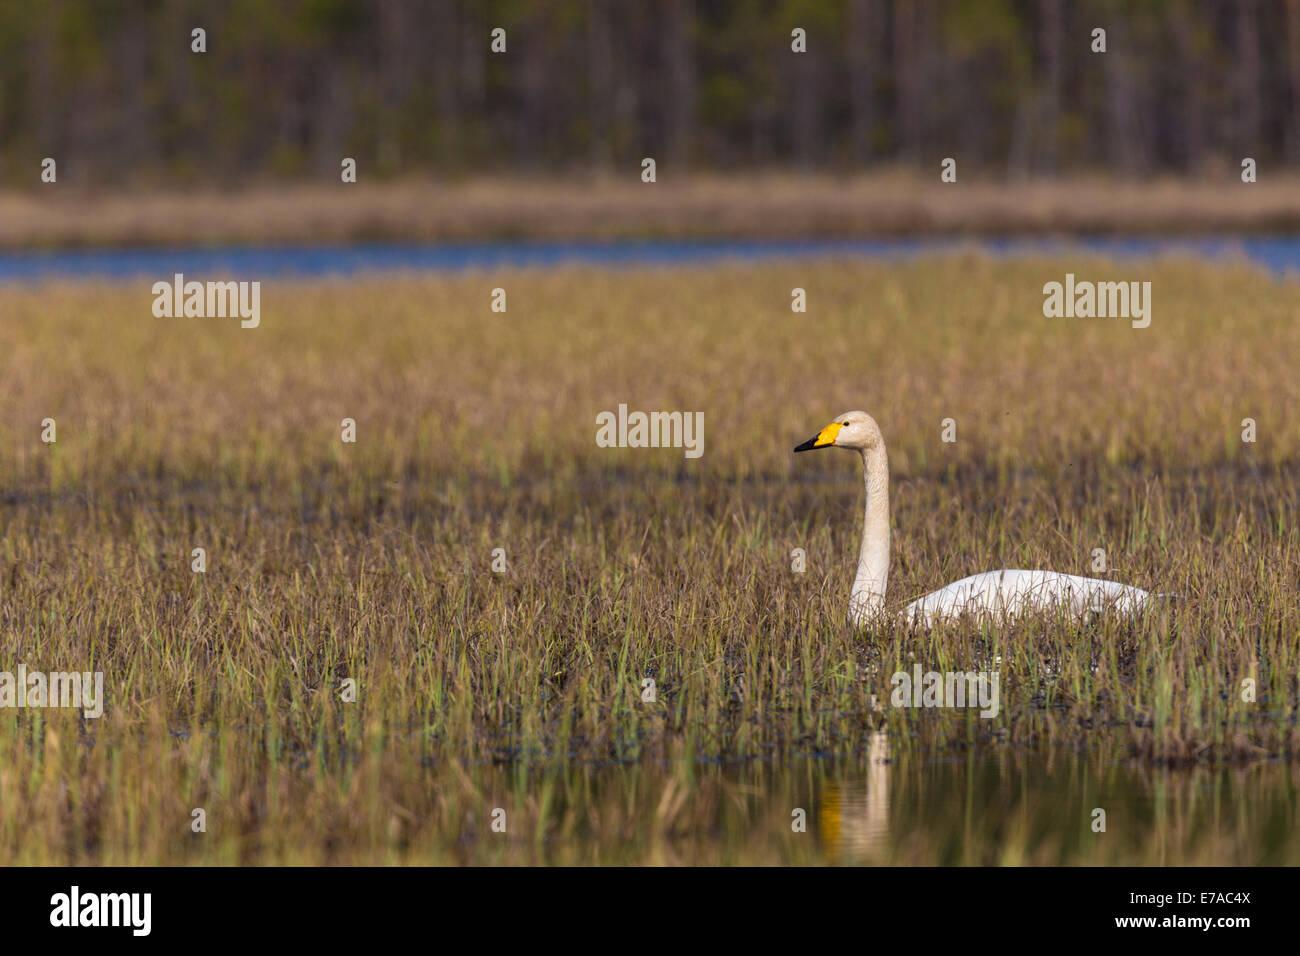 Cygne chanteur Cygnus cygnus, allongé, au repos dans l'herbe dans un marais Photo Stock